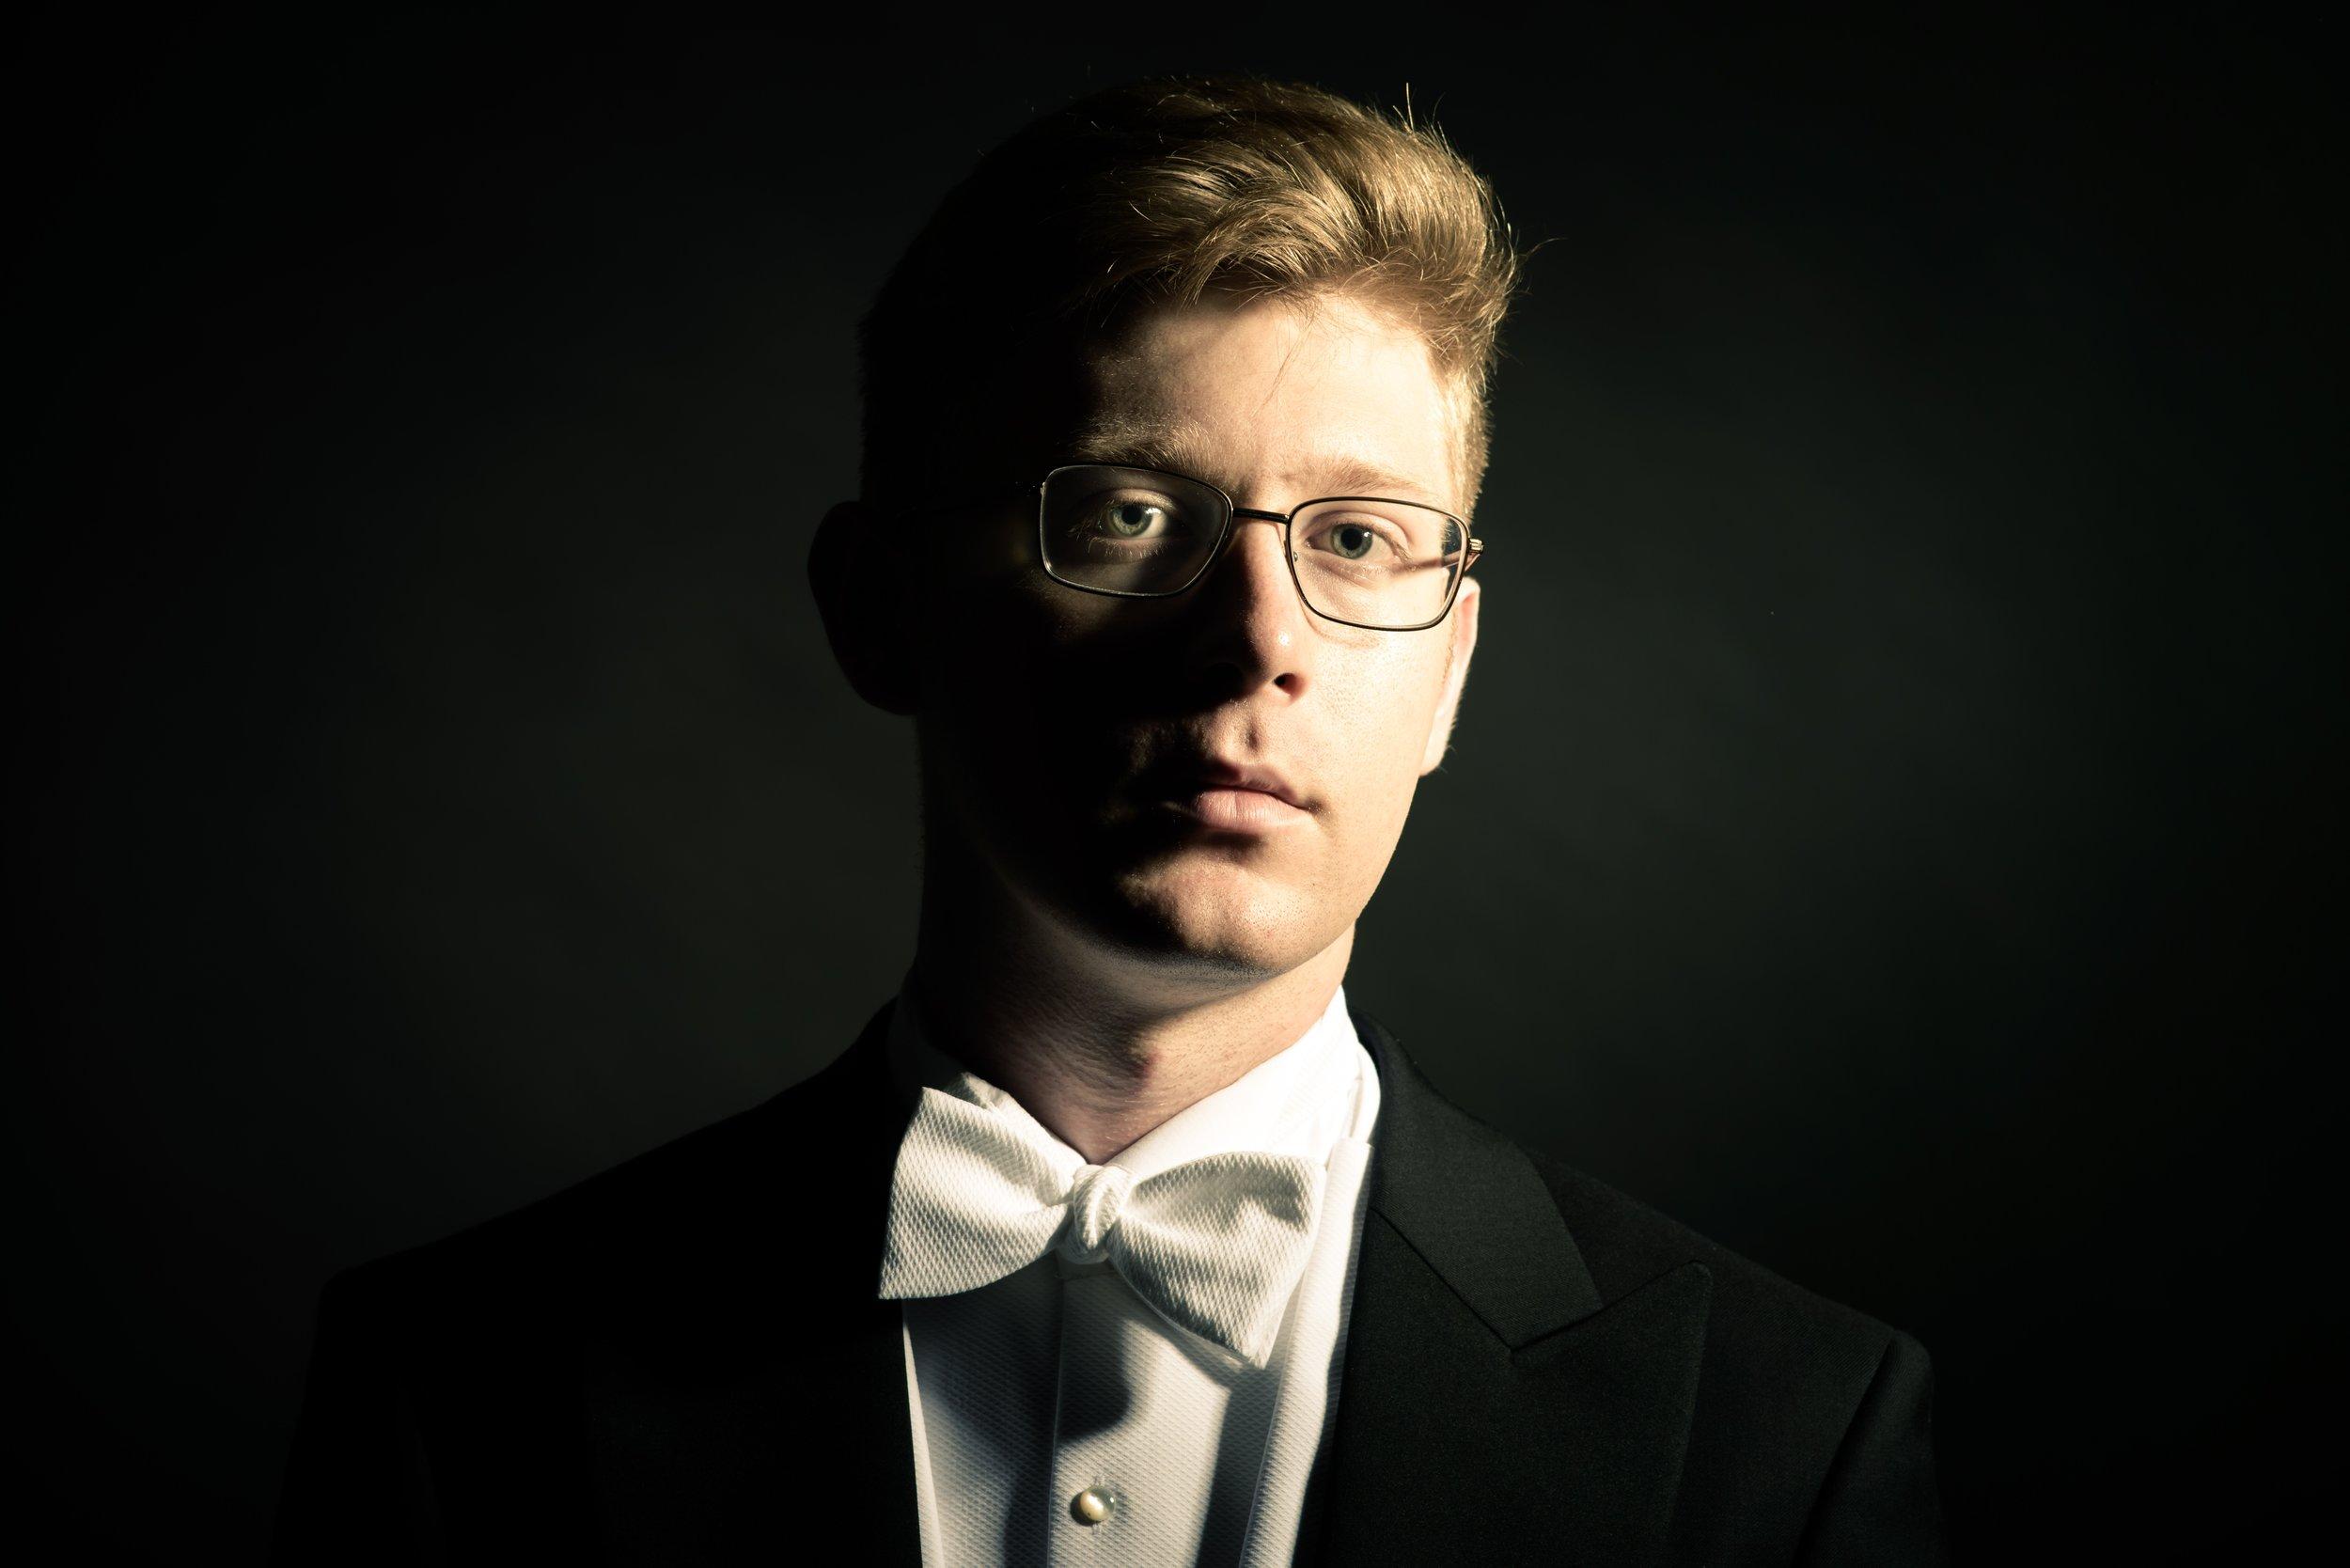 Daniel Adam Maltz headshot